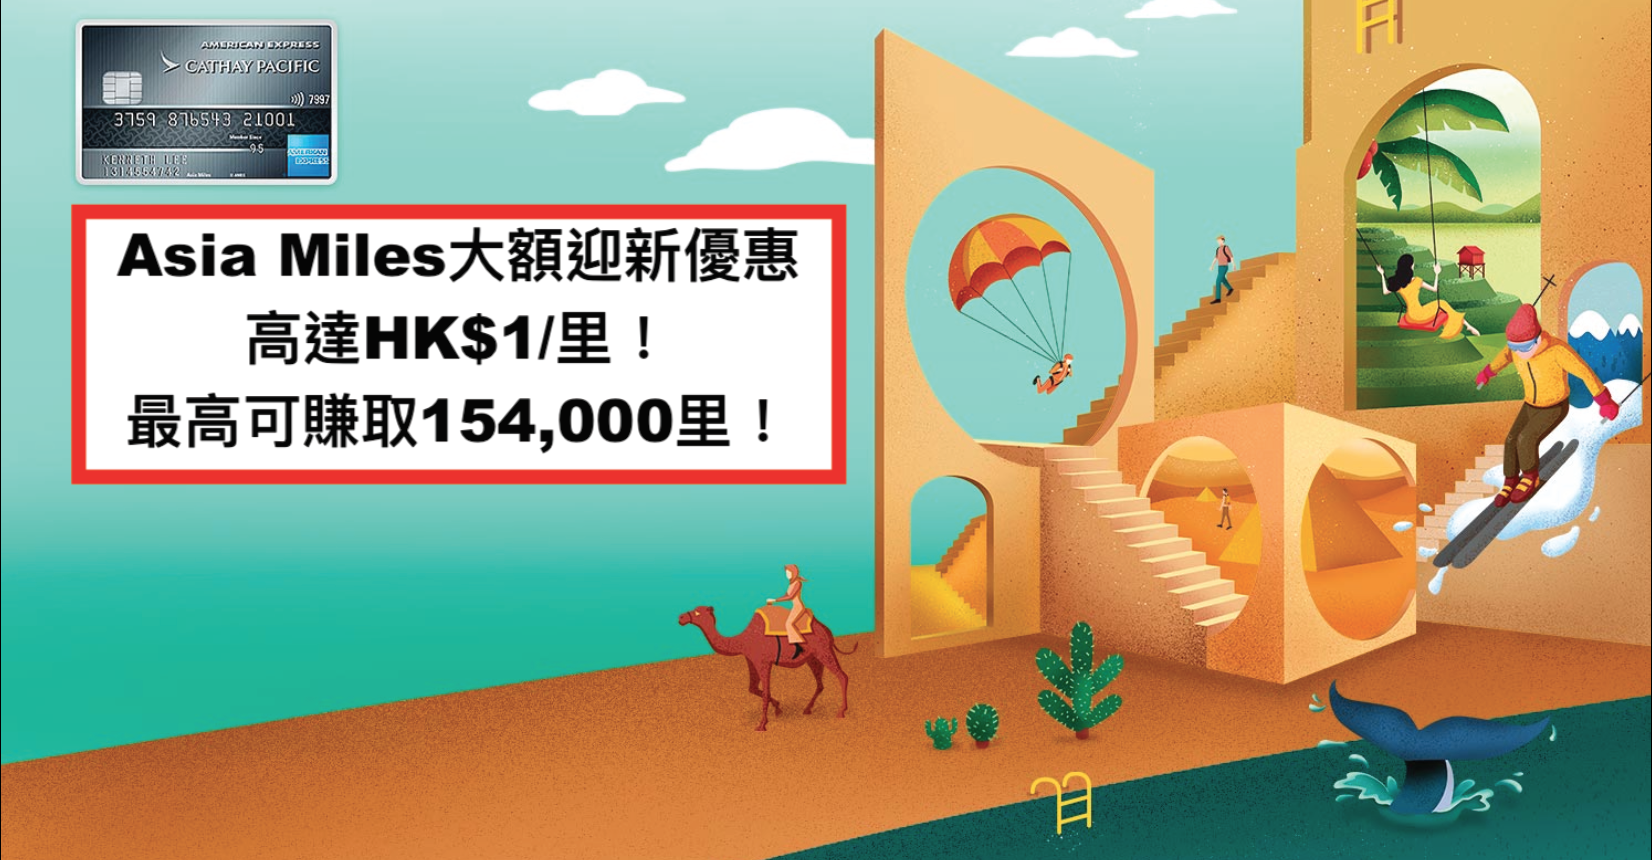 Asia Miles大額迎新優惠唔好錯過呀!HKD1 = 1「亞洲萬里通」里數!美國運通國泰航空尊尚信用卡最高可賺取154,000「亞洲萬里通」里數!